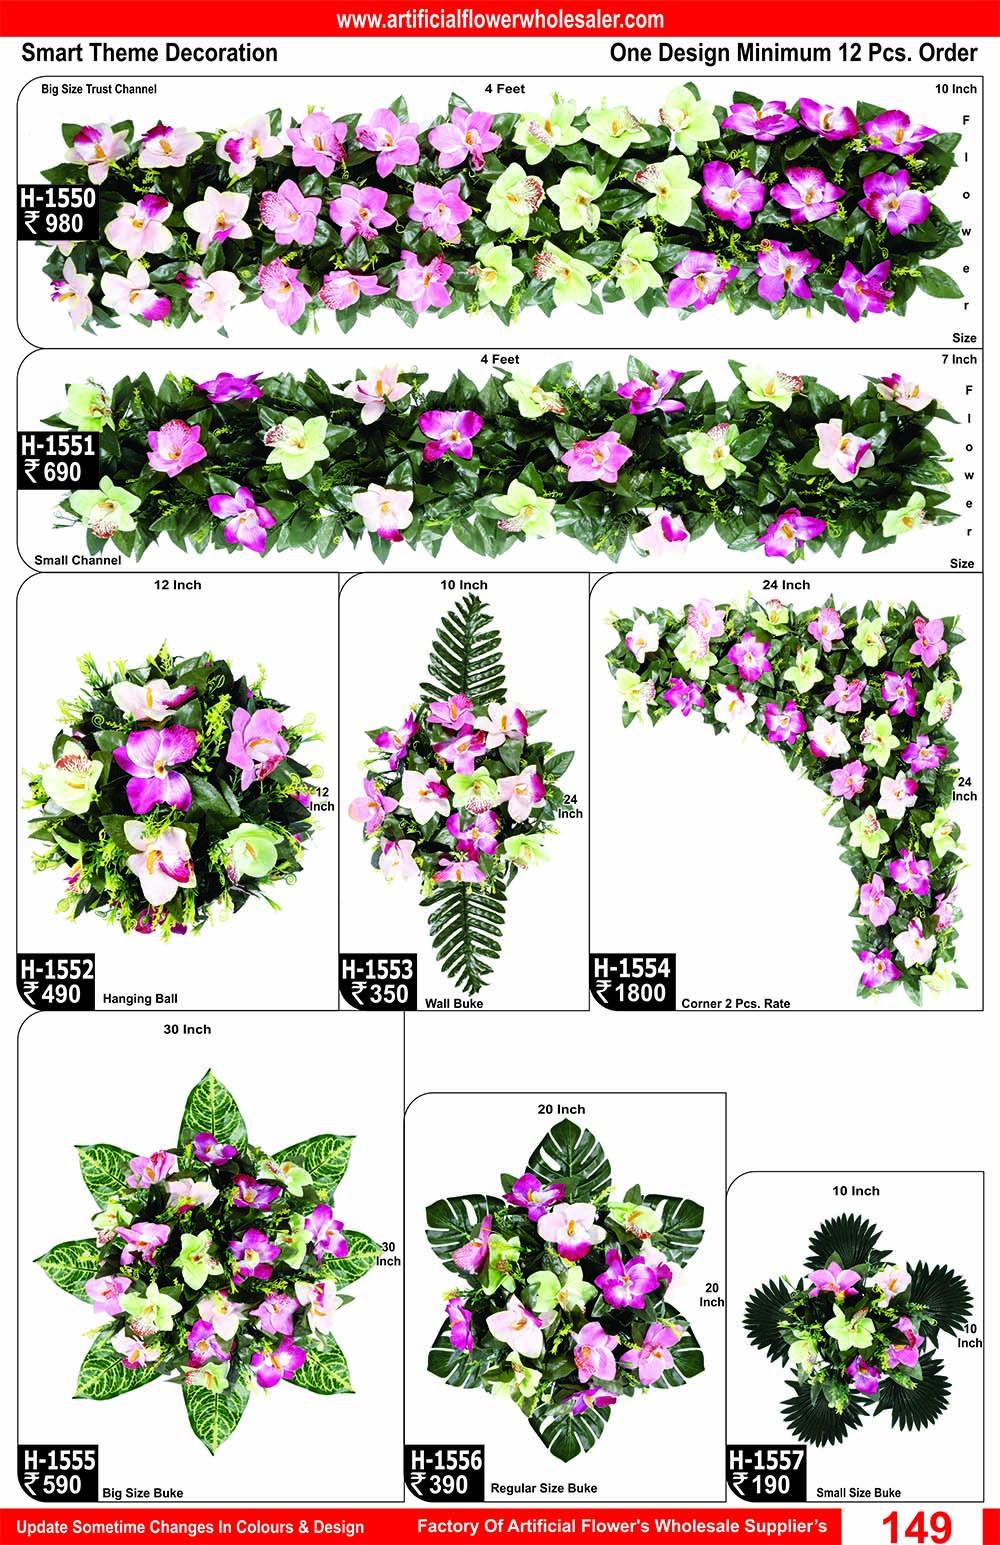 149-artificial-flower-wholesaler